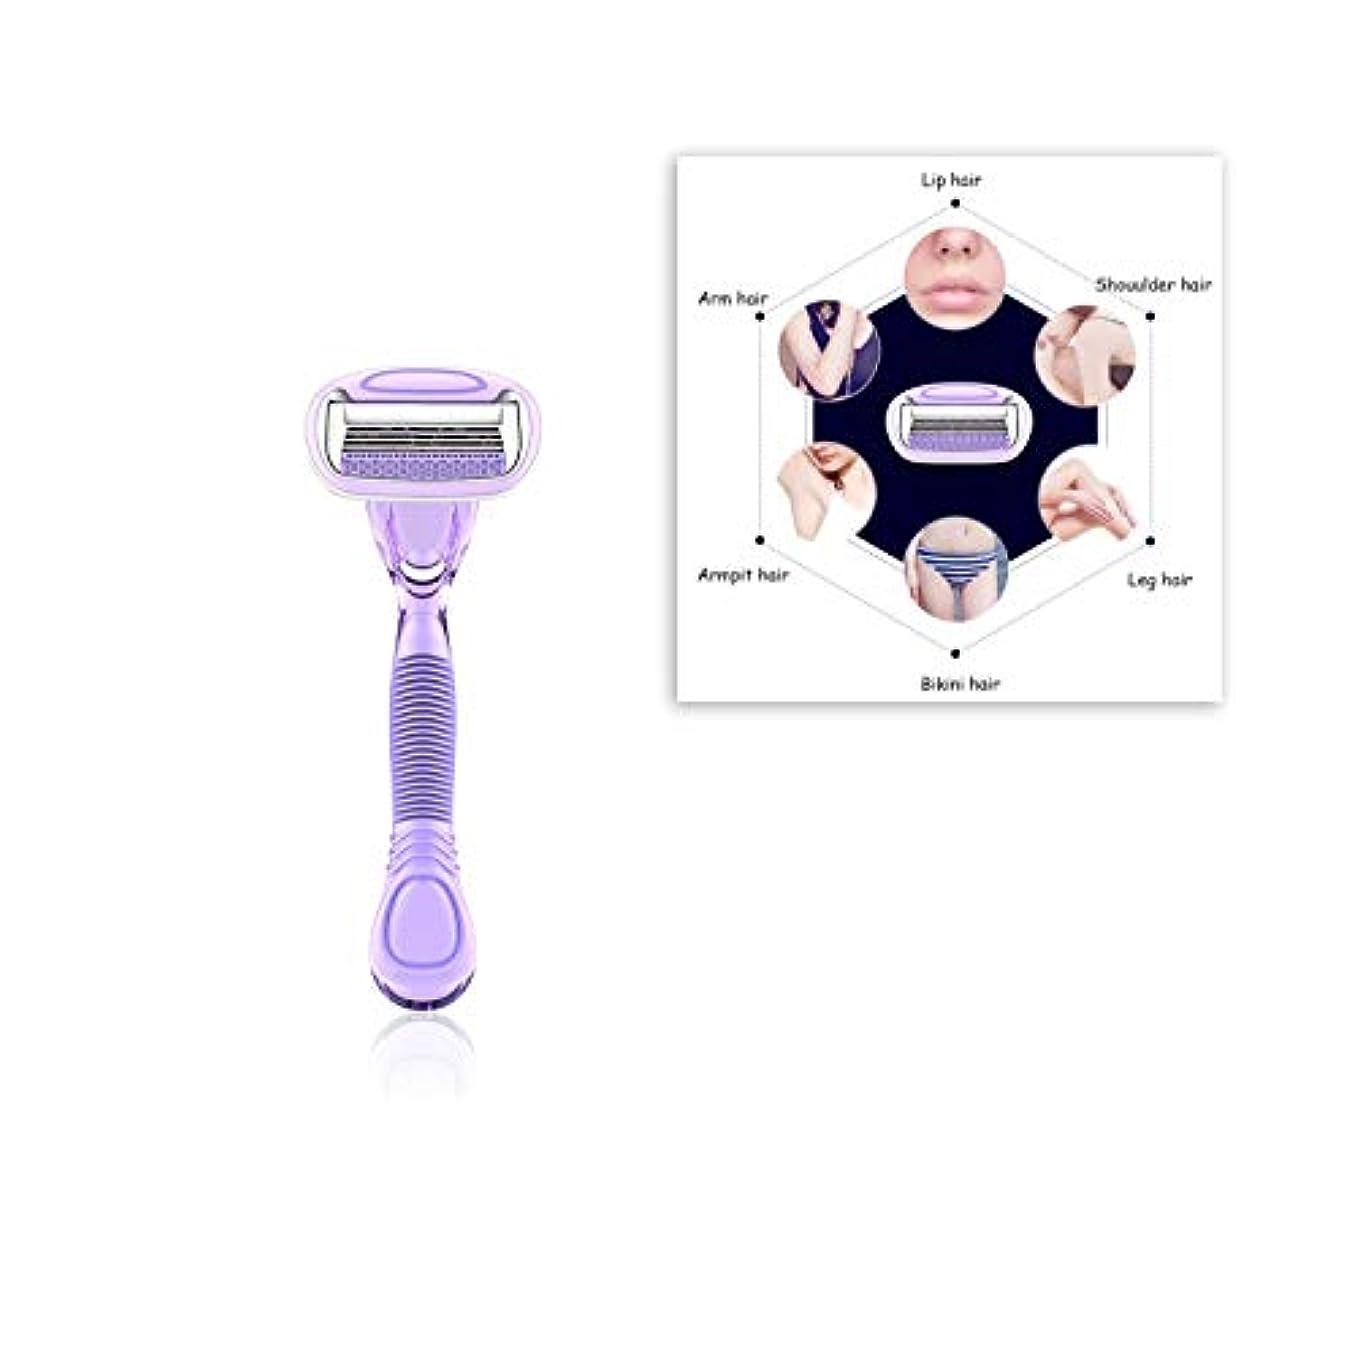 ステートメントホールリビジョン脱毛器 - 手動脱毛器、かみそり、体、顔、ビキニ、脇の下のための女性の無痛脱毛剤